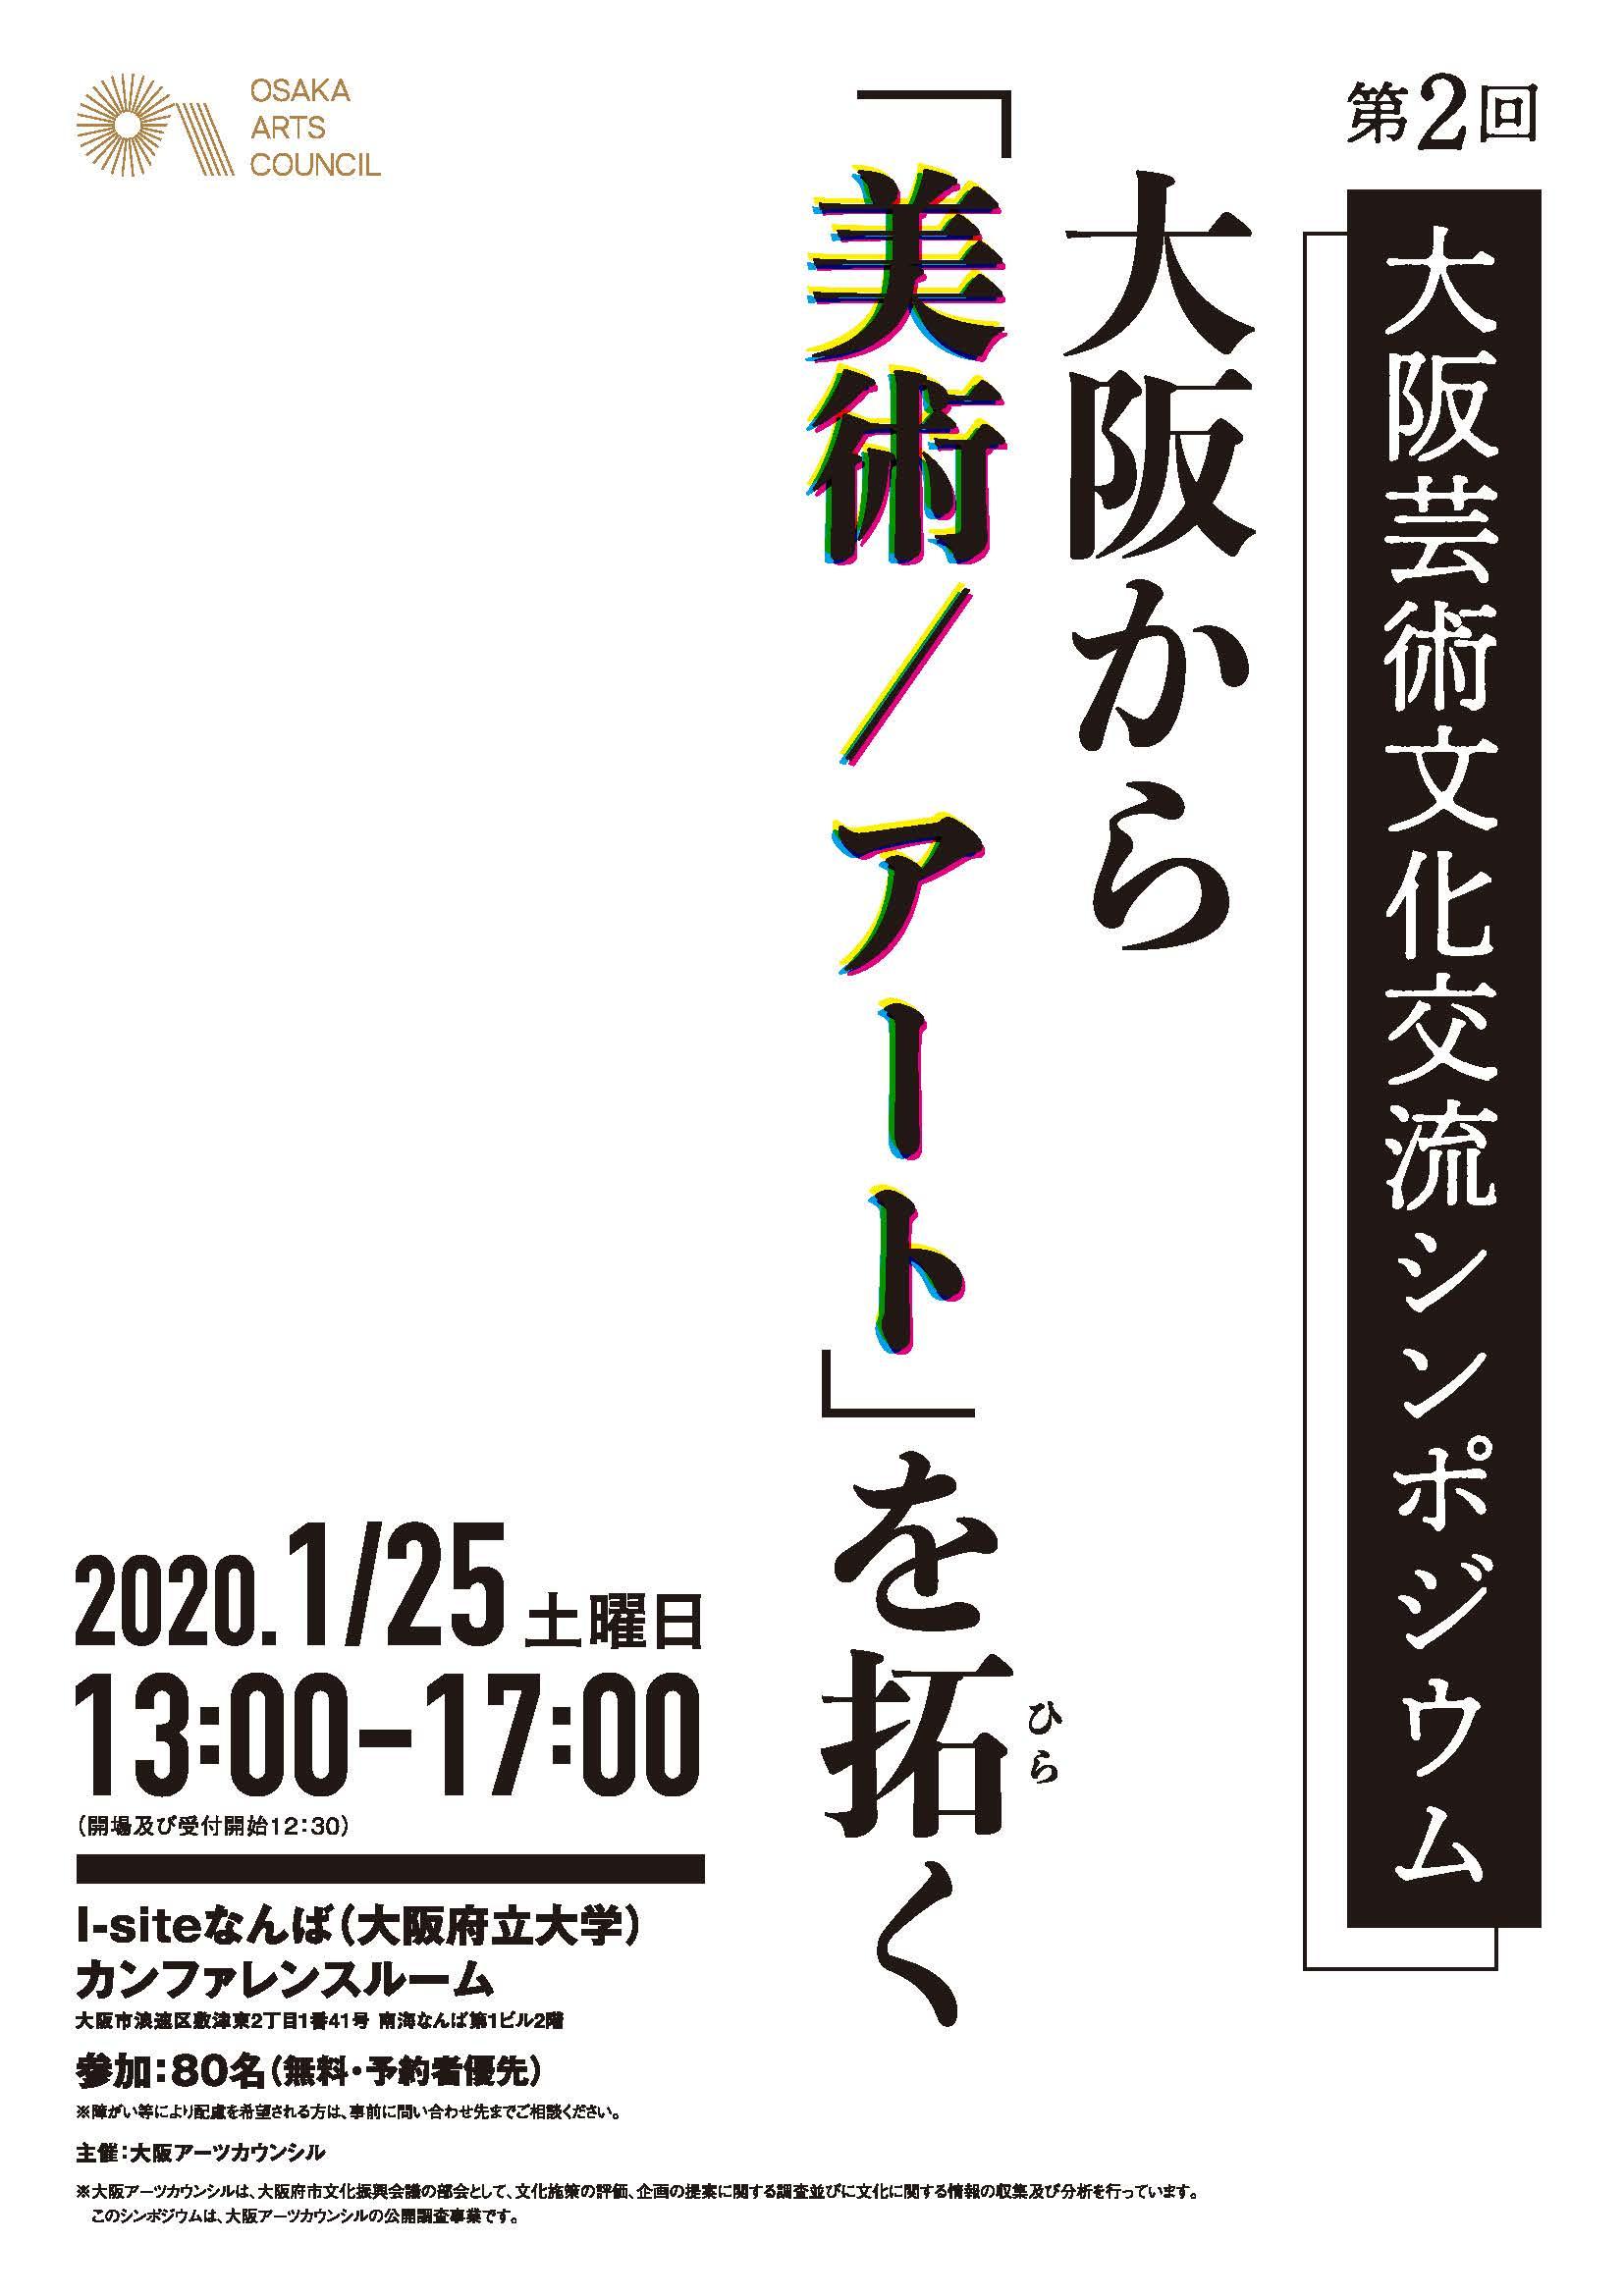 第2回 大阪芸術文化交流シンポジウム 大阪から「美術/アート」を拓く